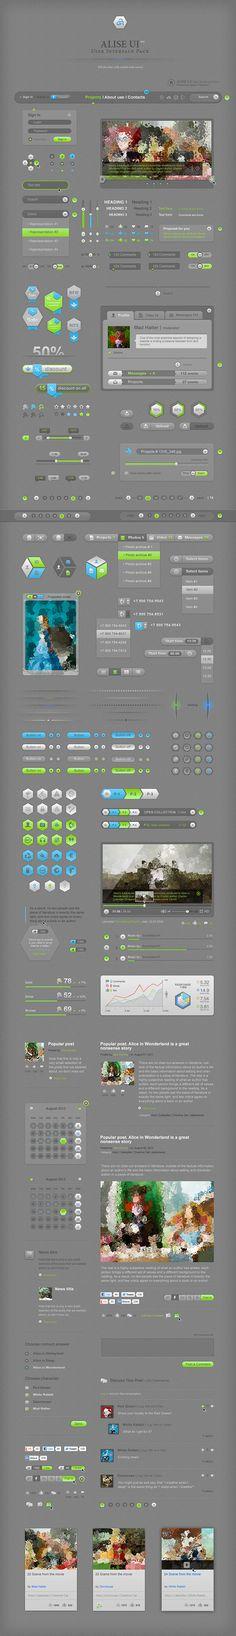 Alise UI / User Interface Pack by Vadim Pleshkov, via Behance